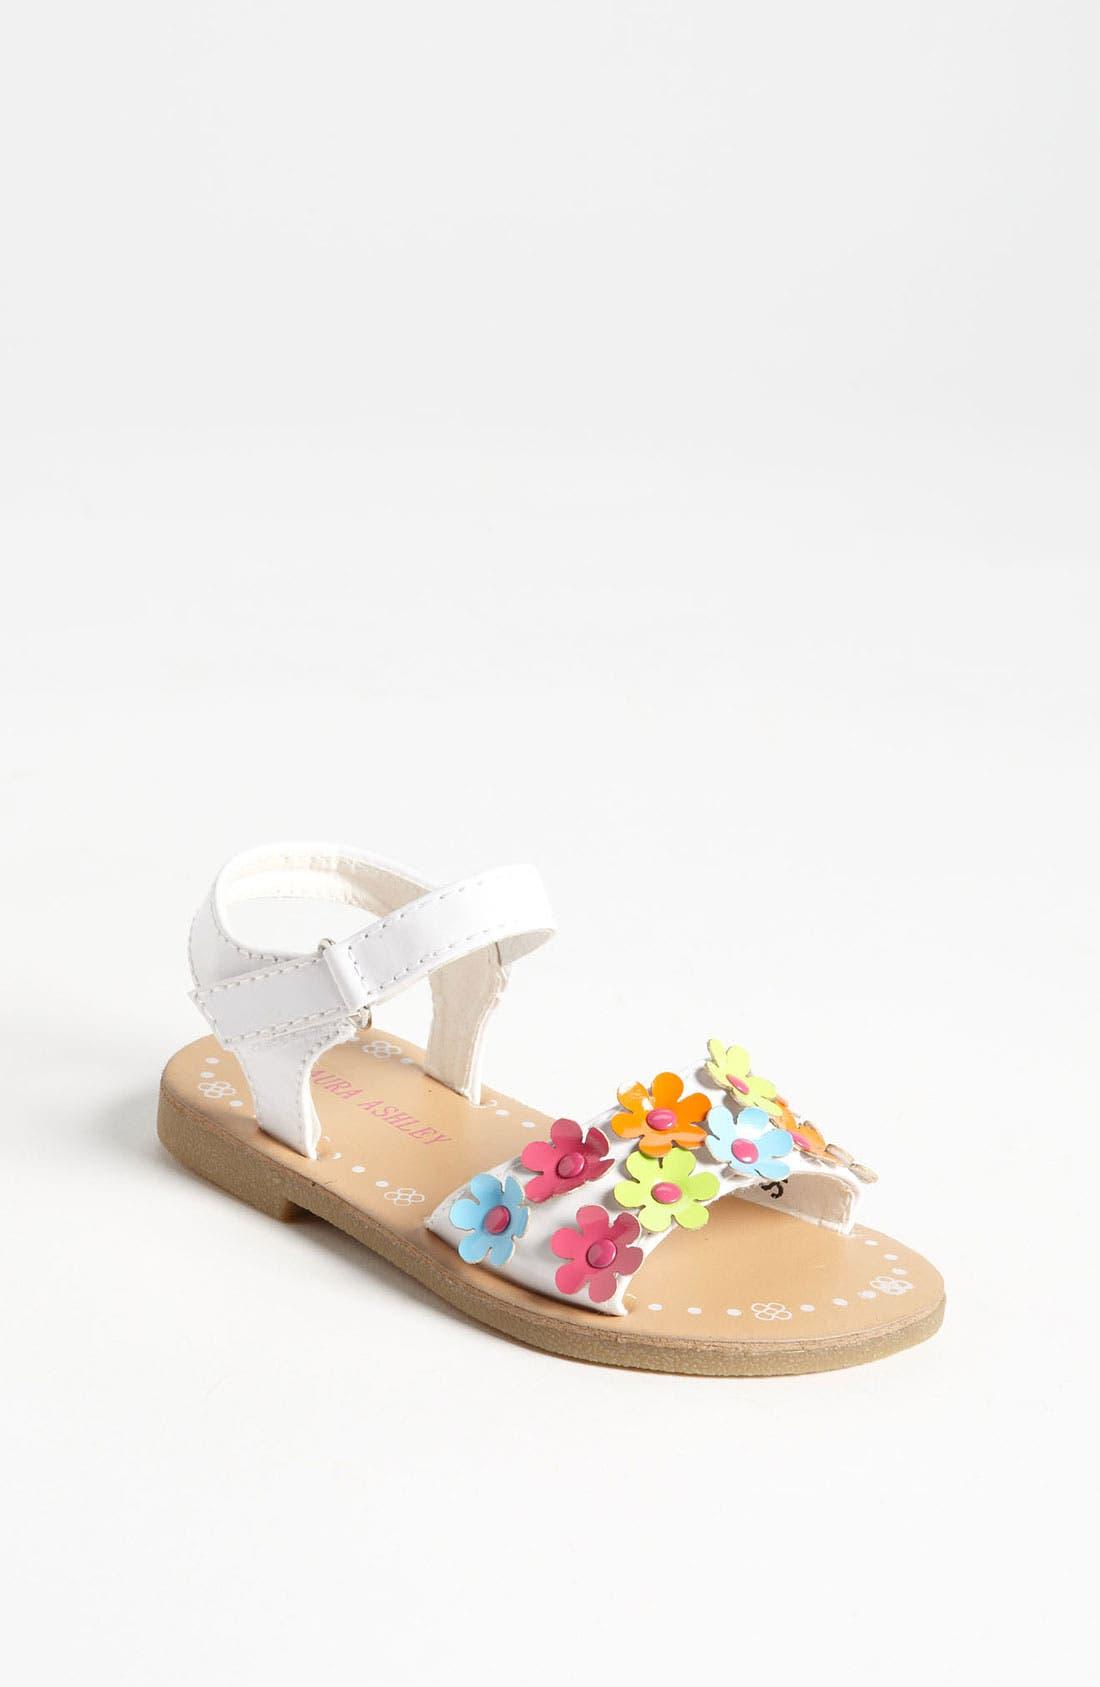 Alternate Image 1 Selected - Laura Ashley Flower Sandal (Walker & Toddler)